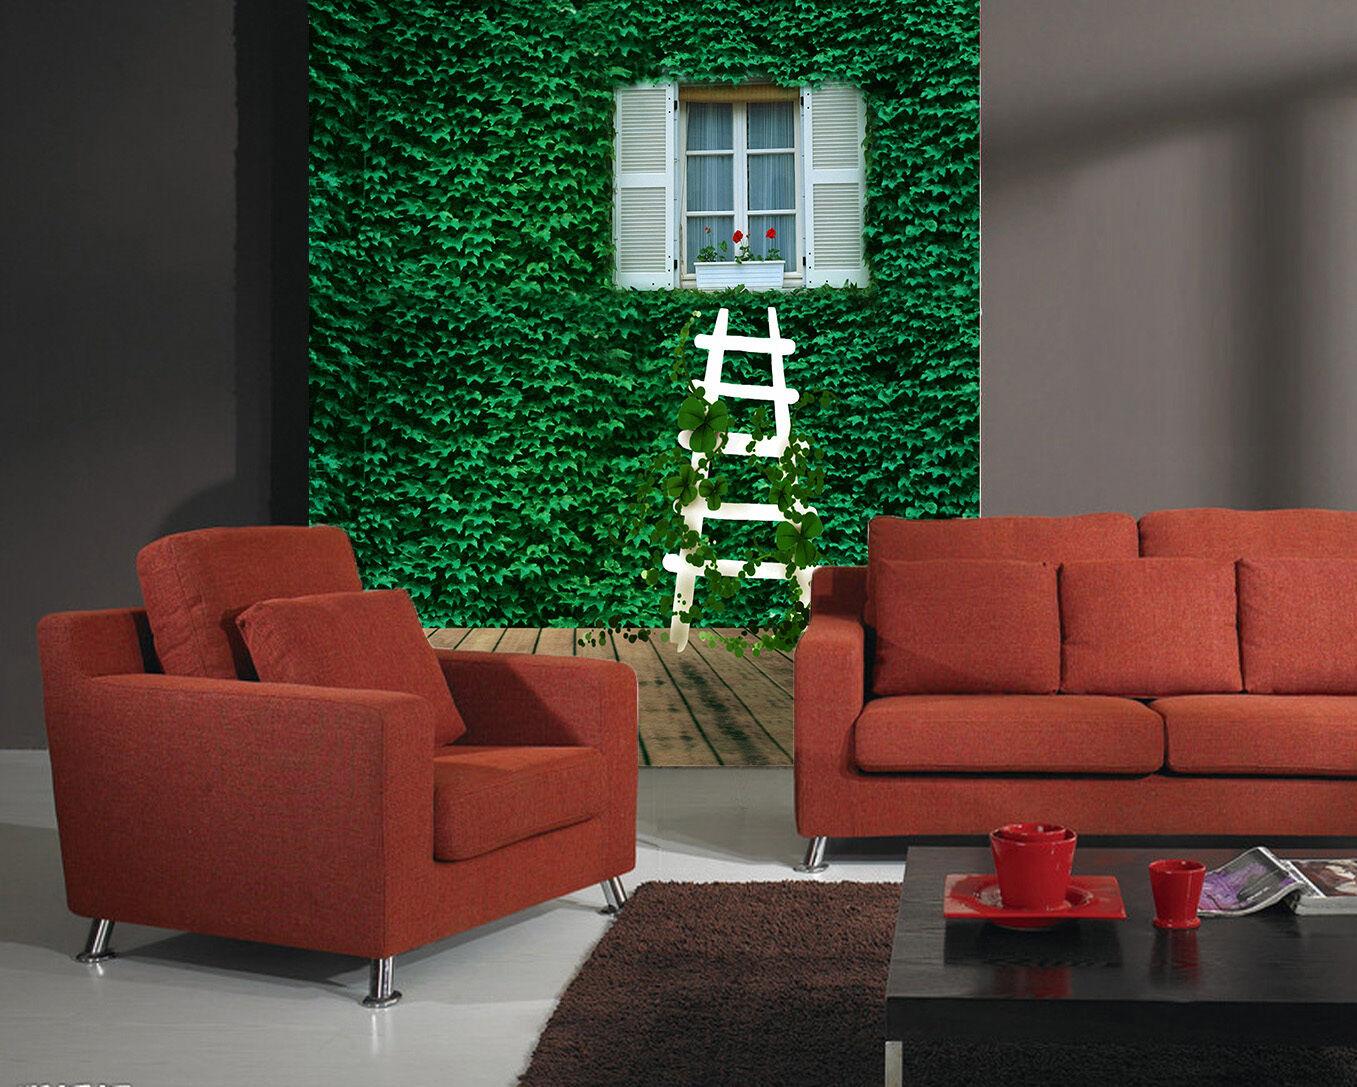 3D Vine Grün wood 2990 Paper Wall Print Decal Wall Wall Murals AJ WALLPAPER GB